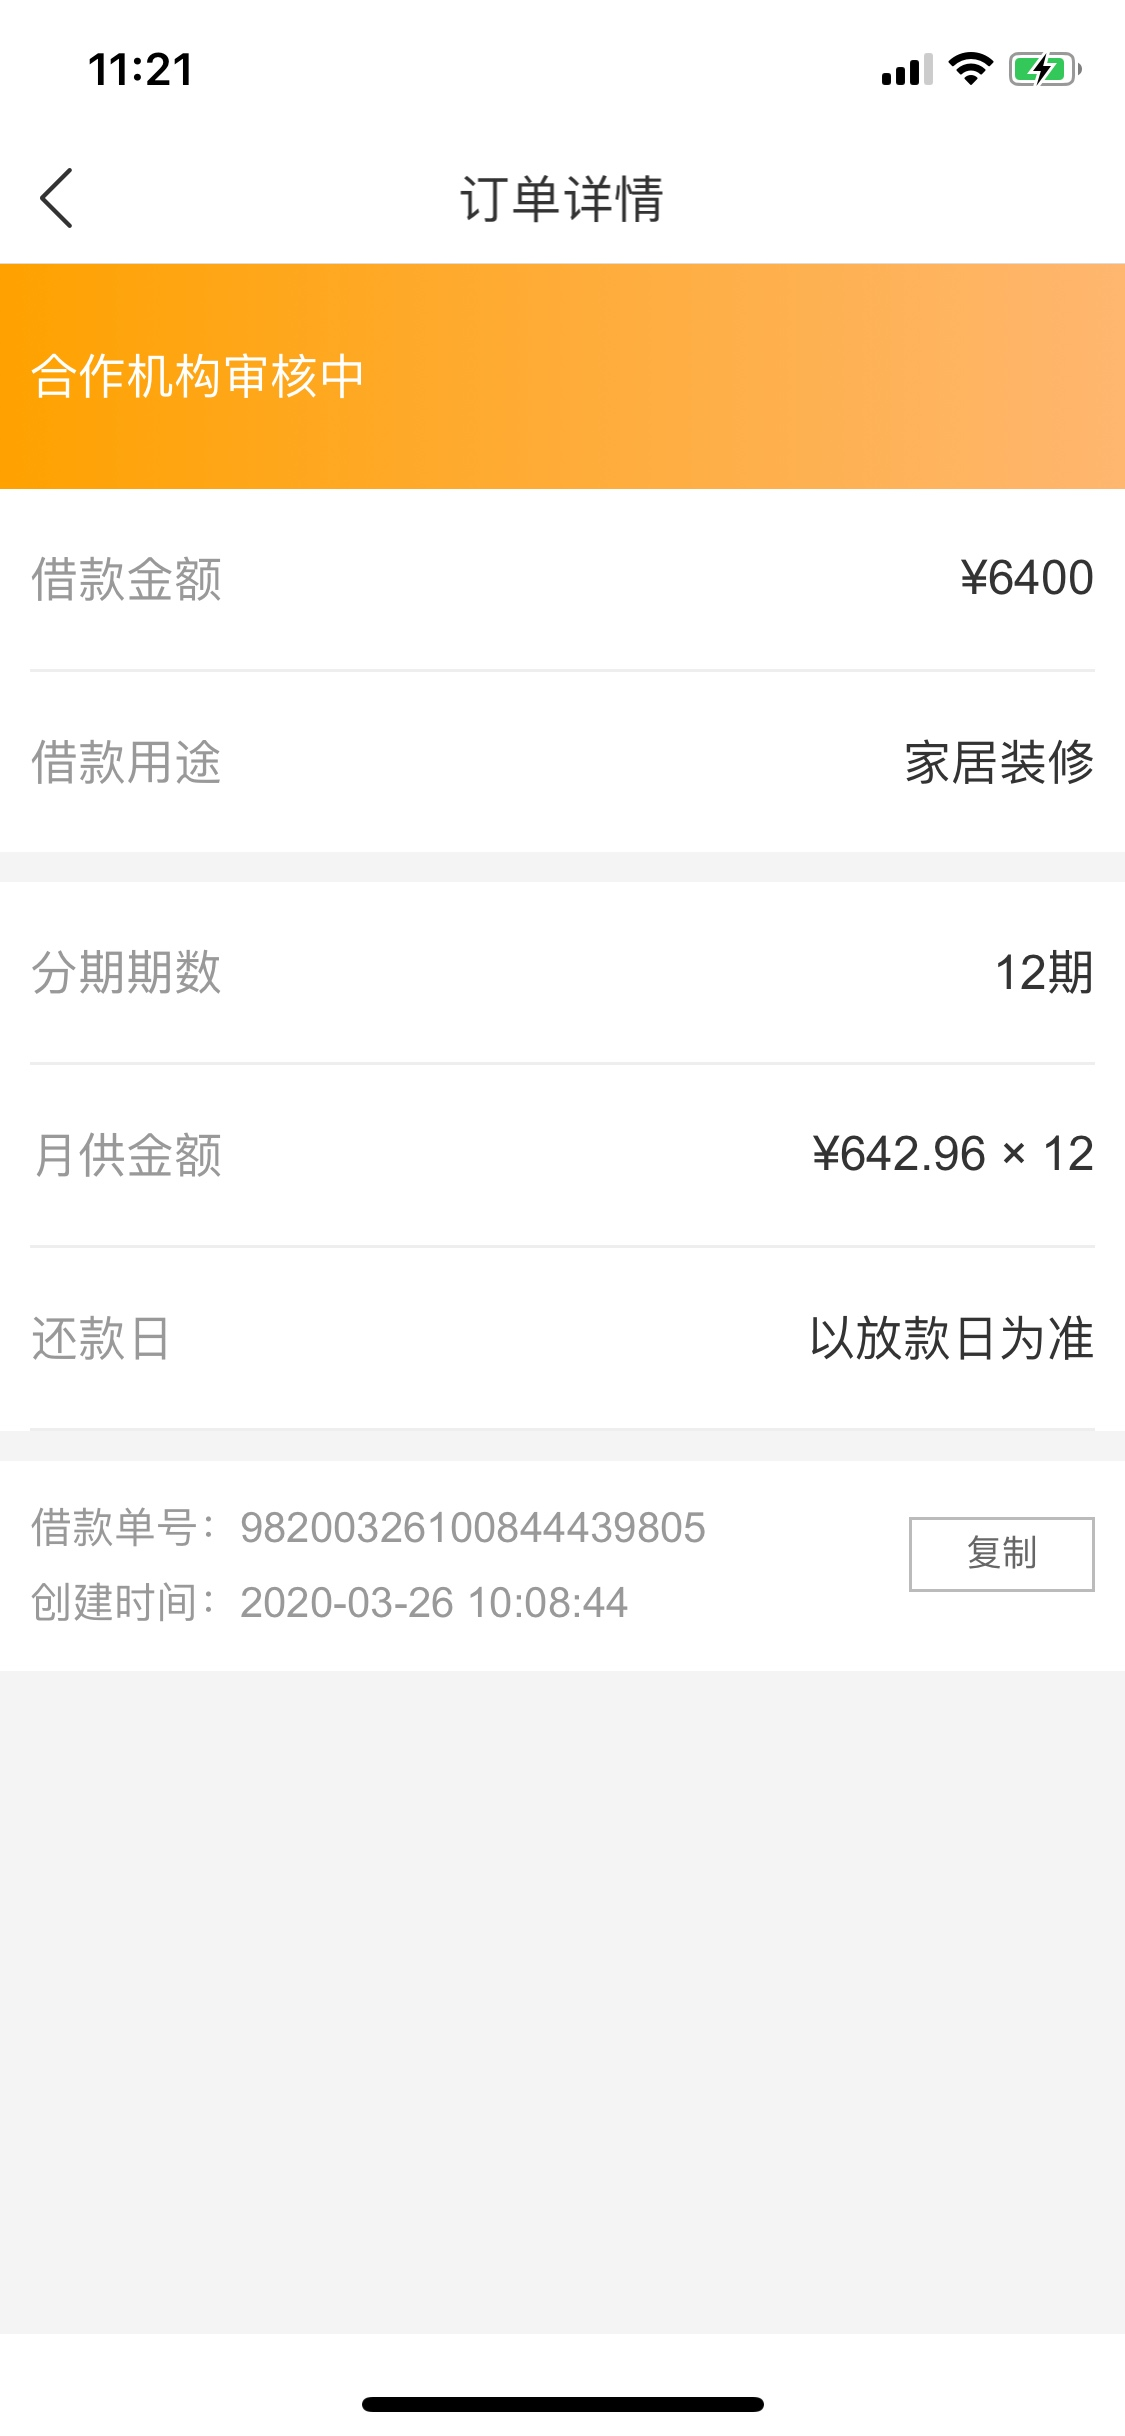 桔子马甲之一的到手app、秒批6400、桔子下过款的...90 / 作者:zanyici卫❤️ /